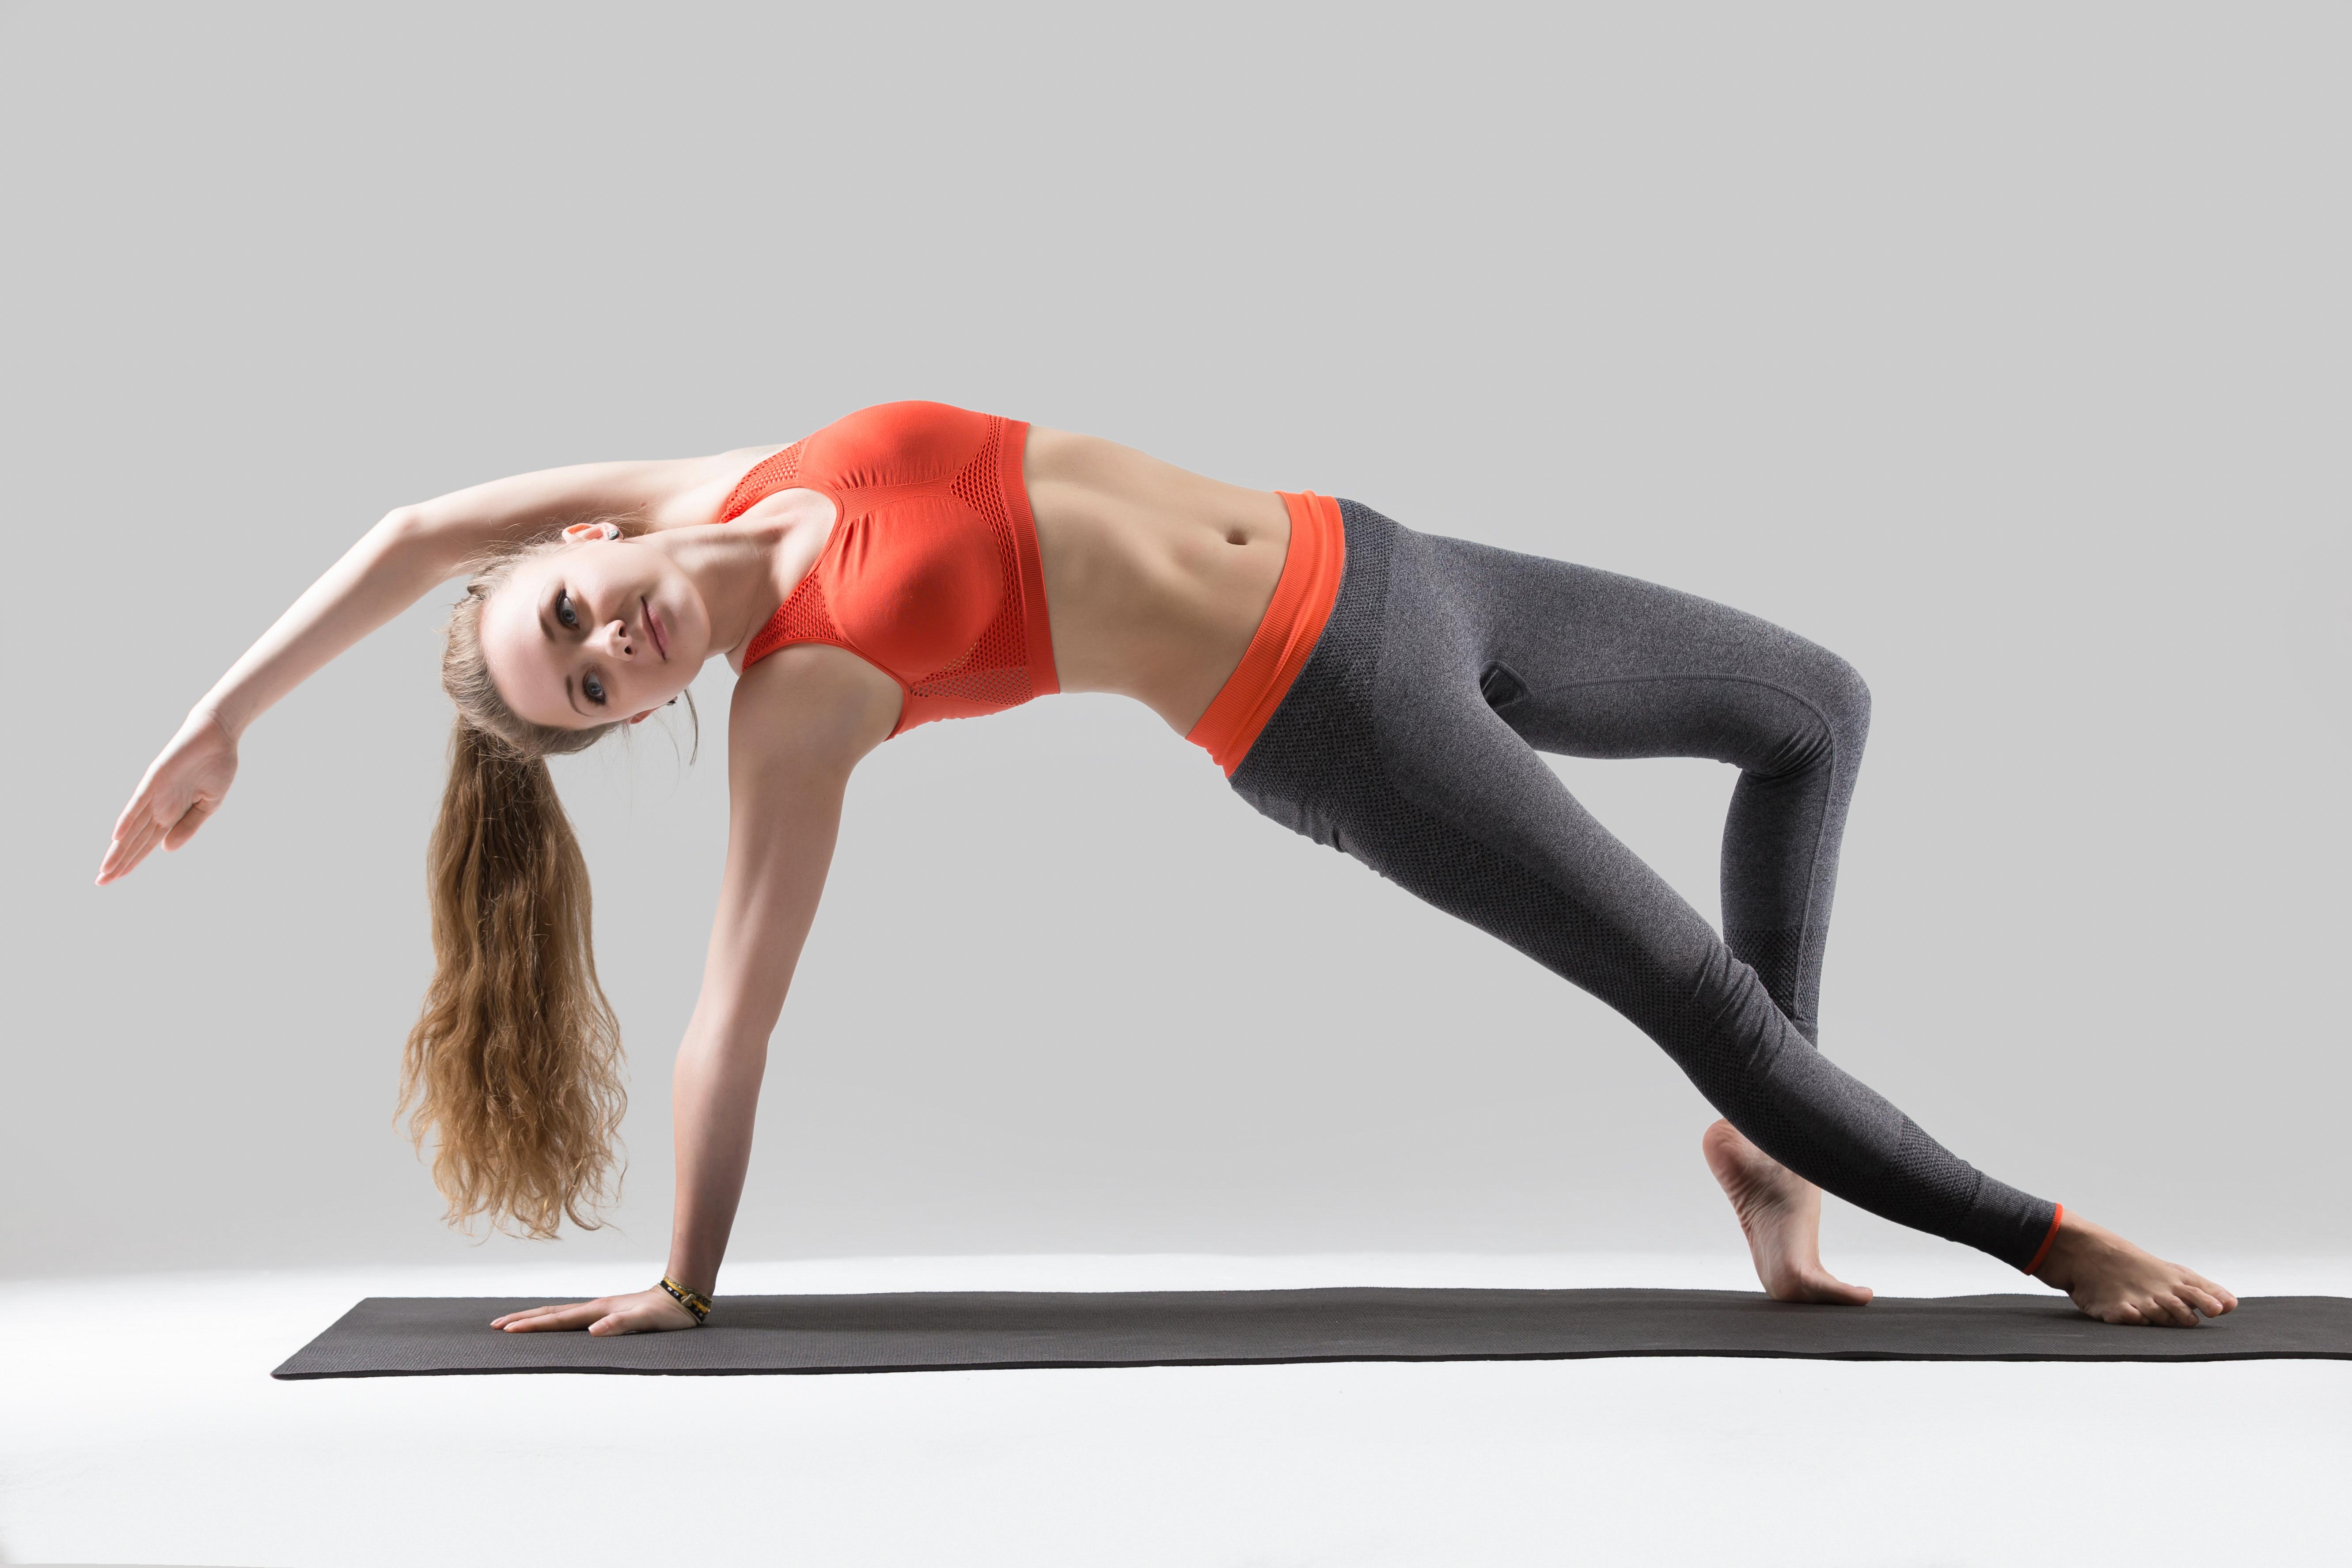 Diversificar a rotina de exercícios é fundamental para emagrecer